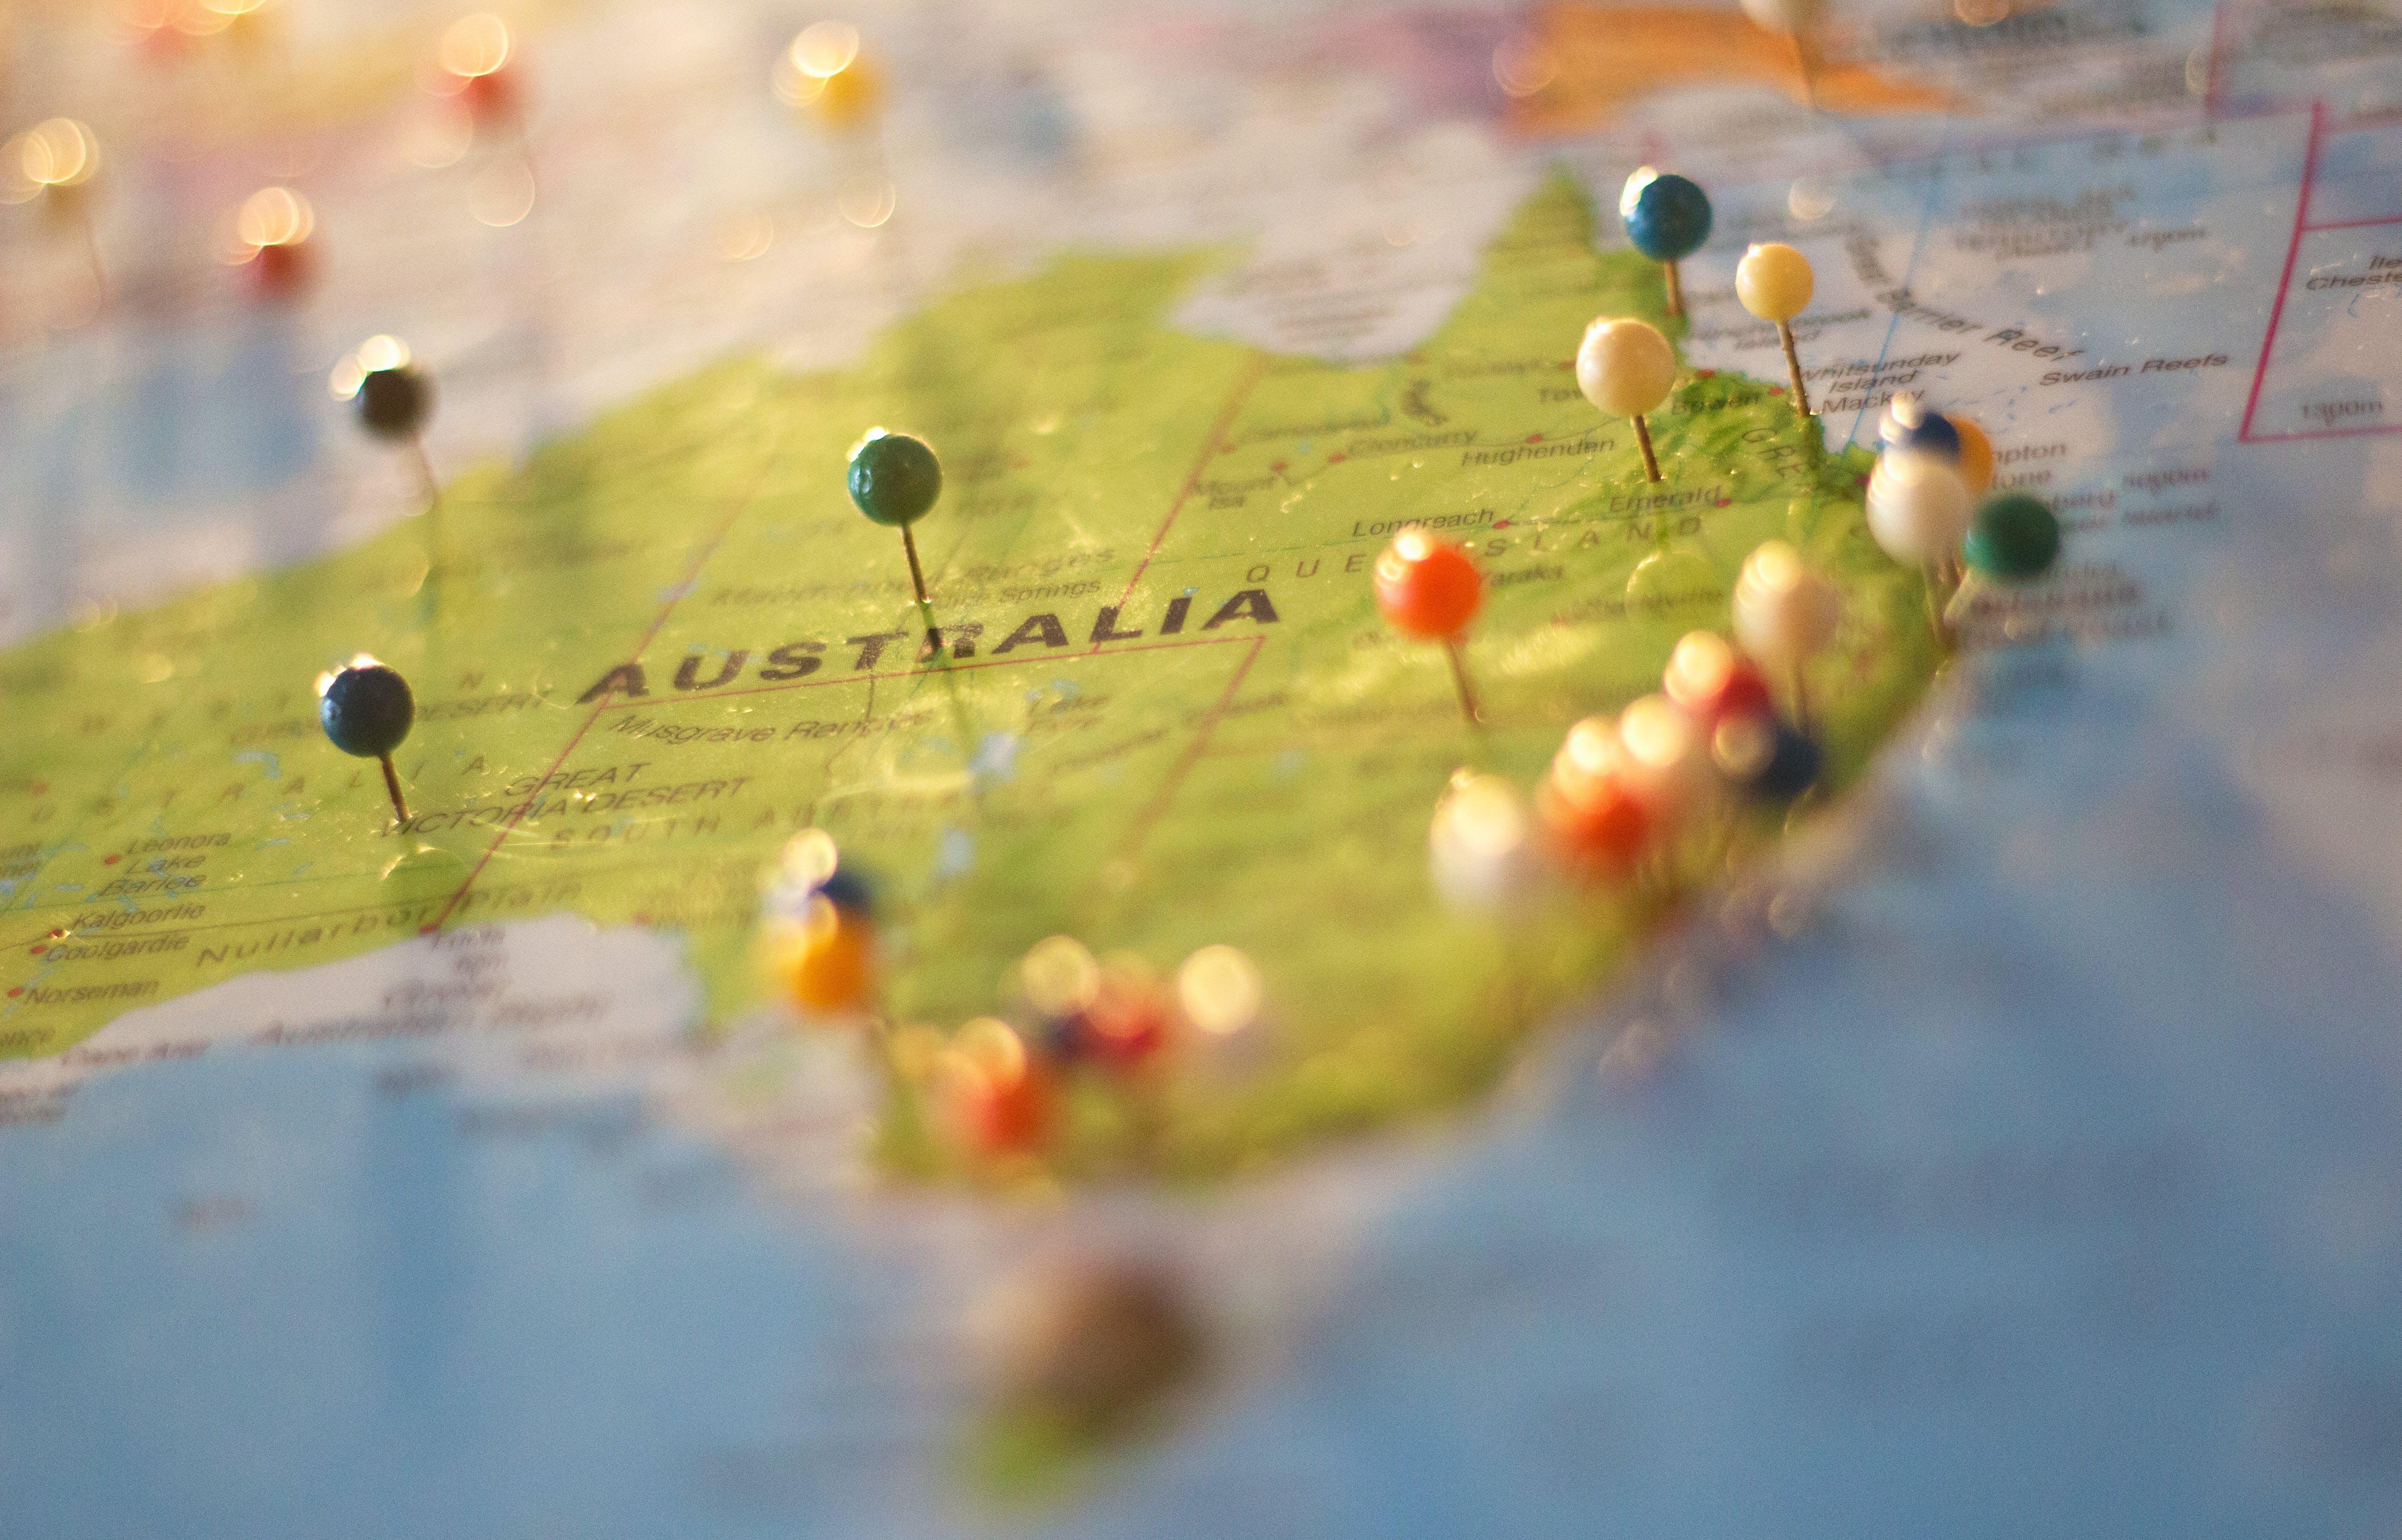 Δωρεάν στοκ φωτογραφιών με ακίδες, Αυστραλία, γεωγραφία, ήπειρος